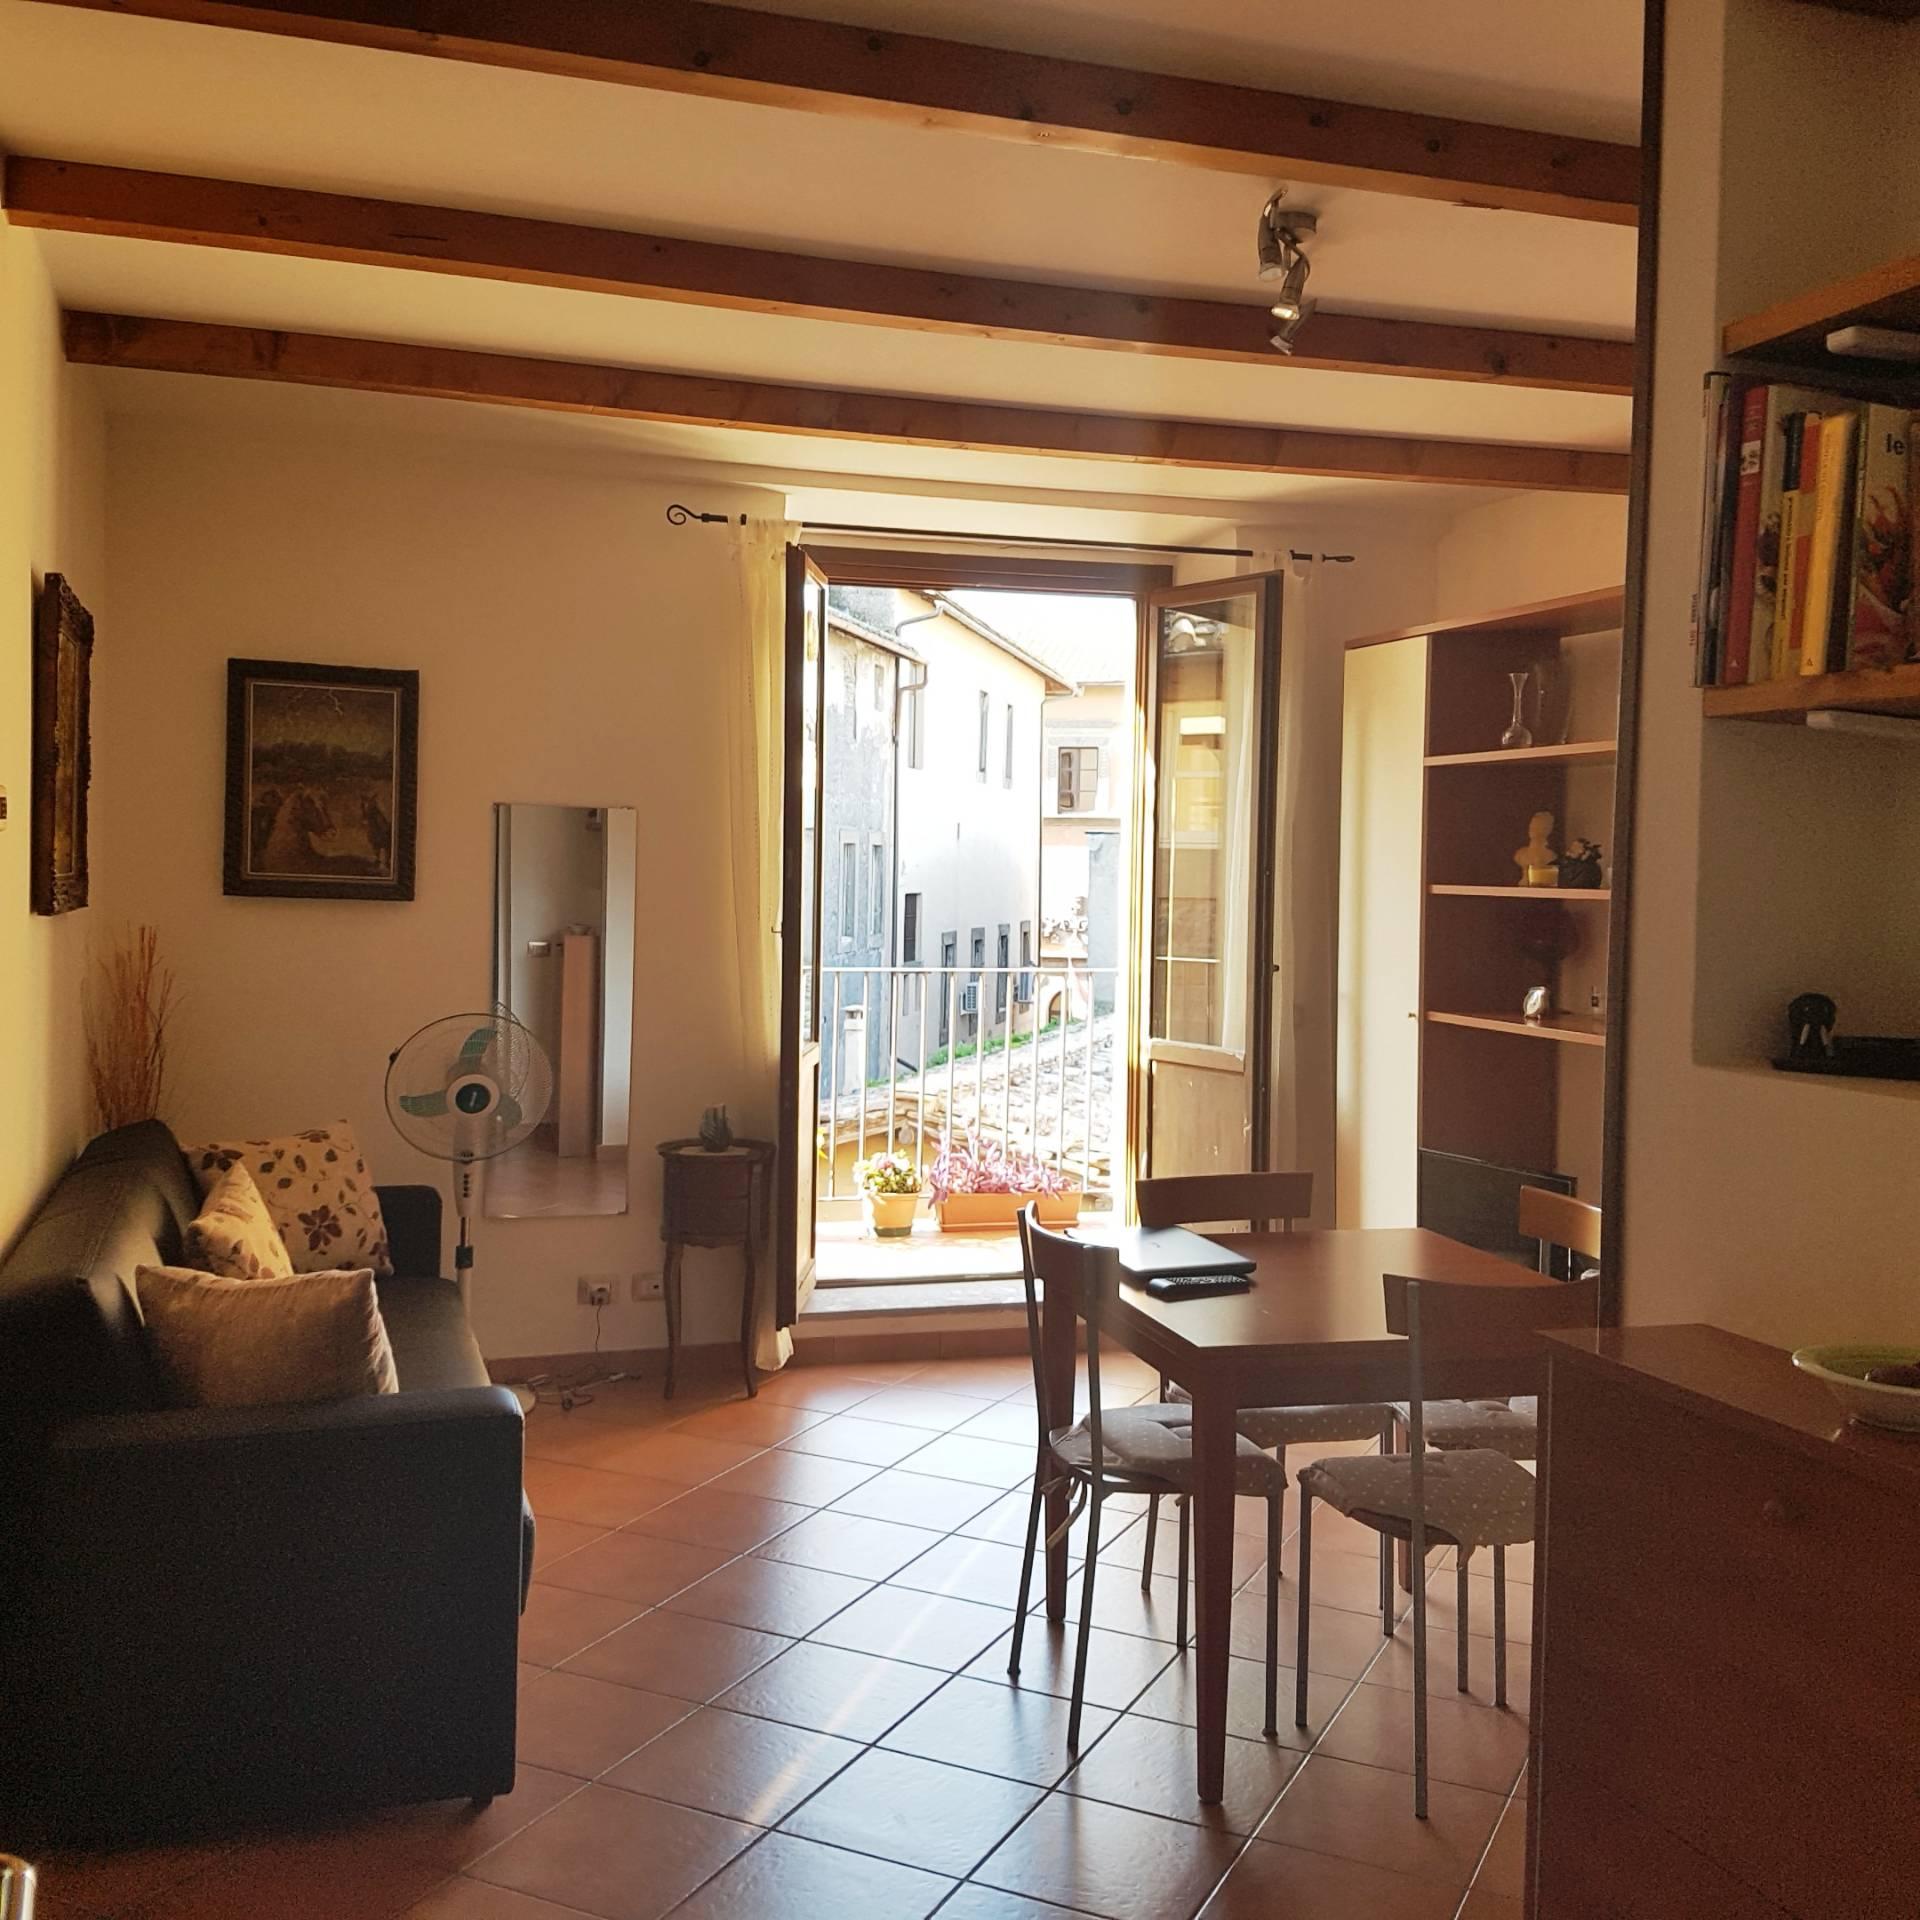 Appartamento in affitto a Viterbo, 2 locali, zona Zona: Centro, prezzo € 390 | Cambio Casa.it